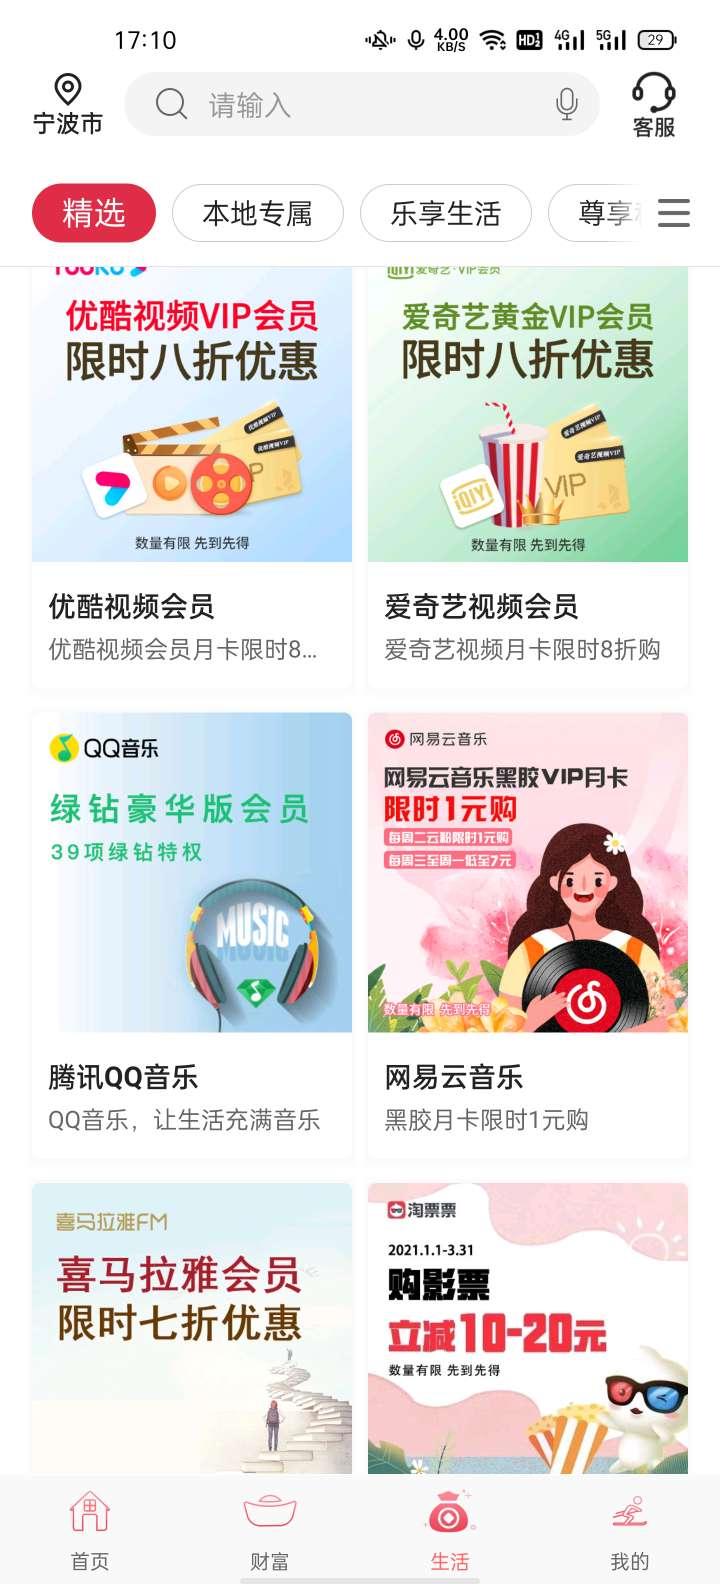 中国银行一元购网易云会员一个月插图